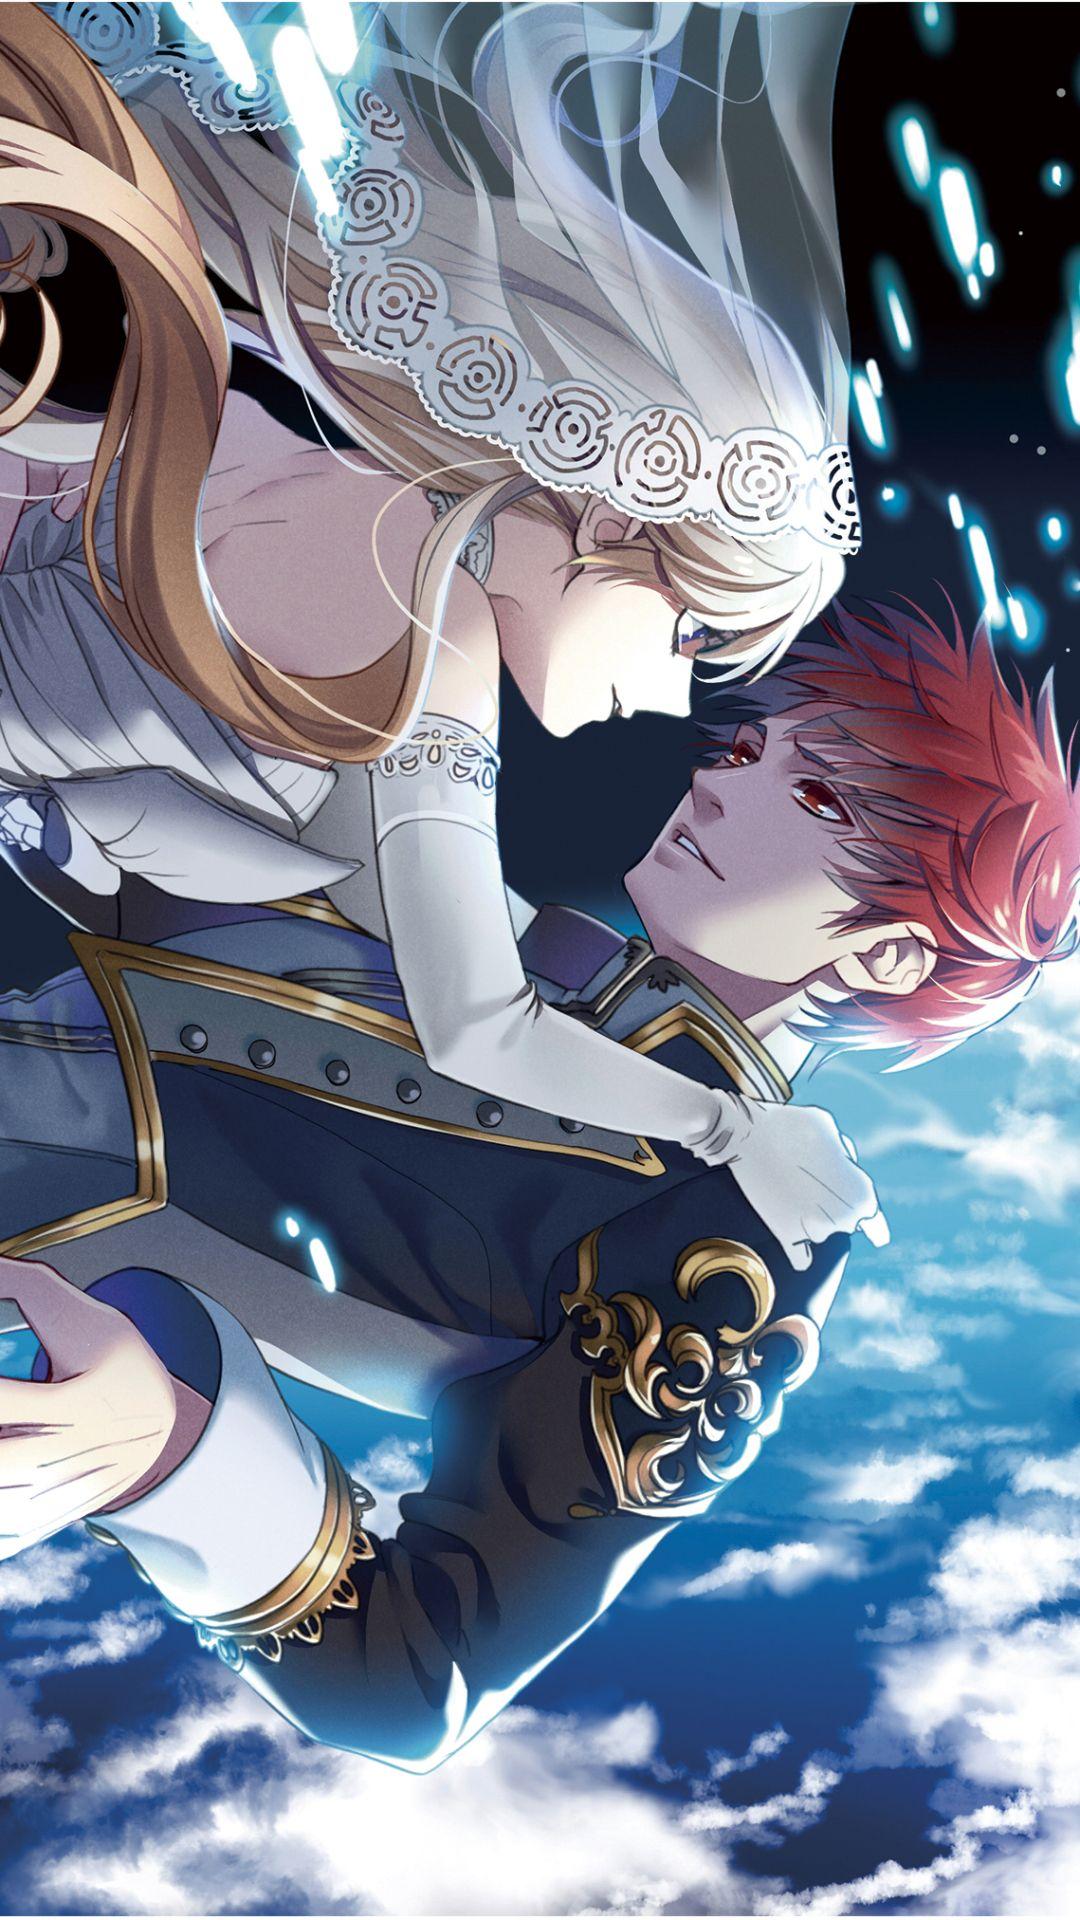 Pin on Anime & Gaming!